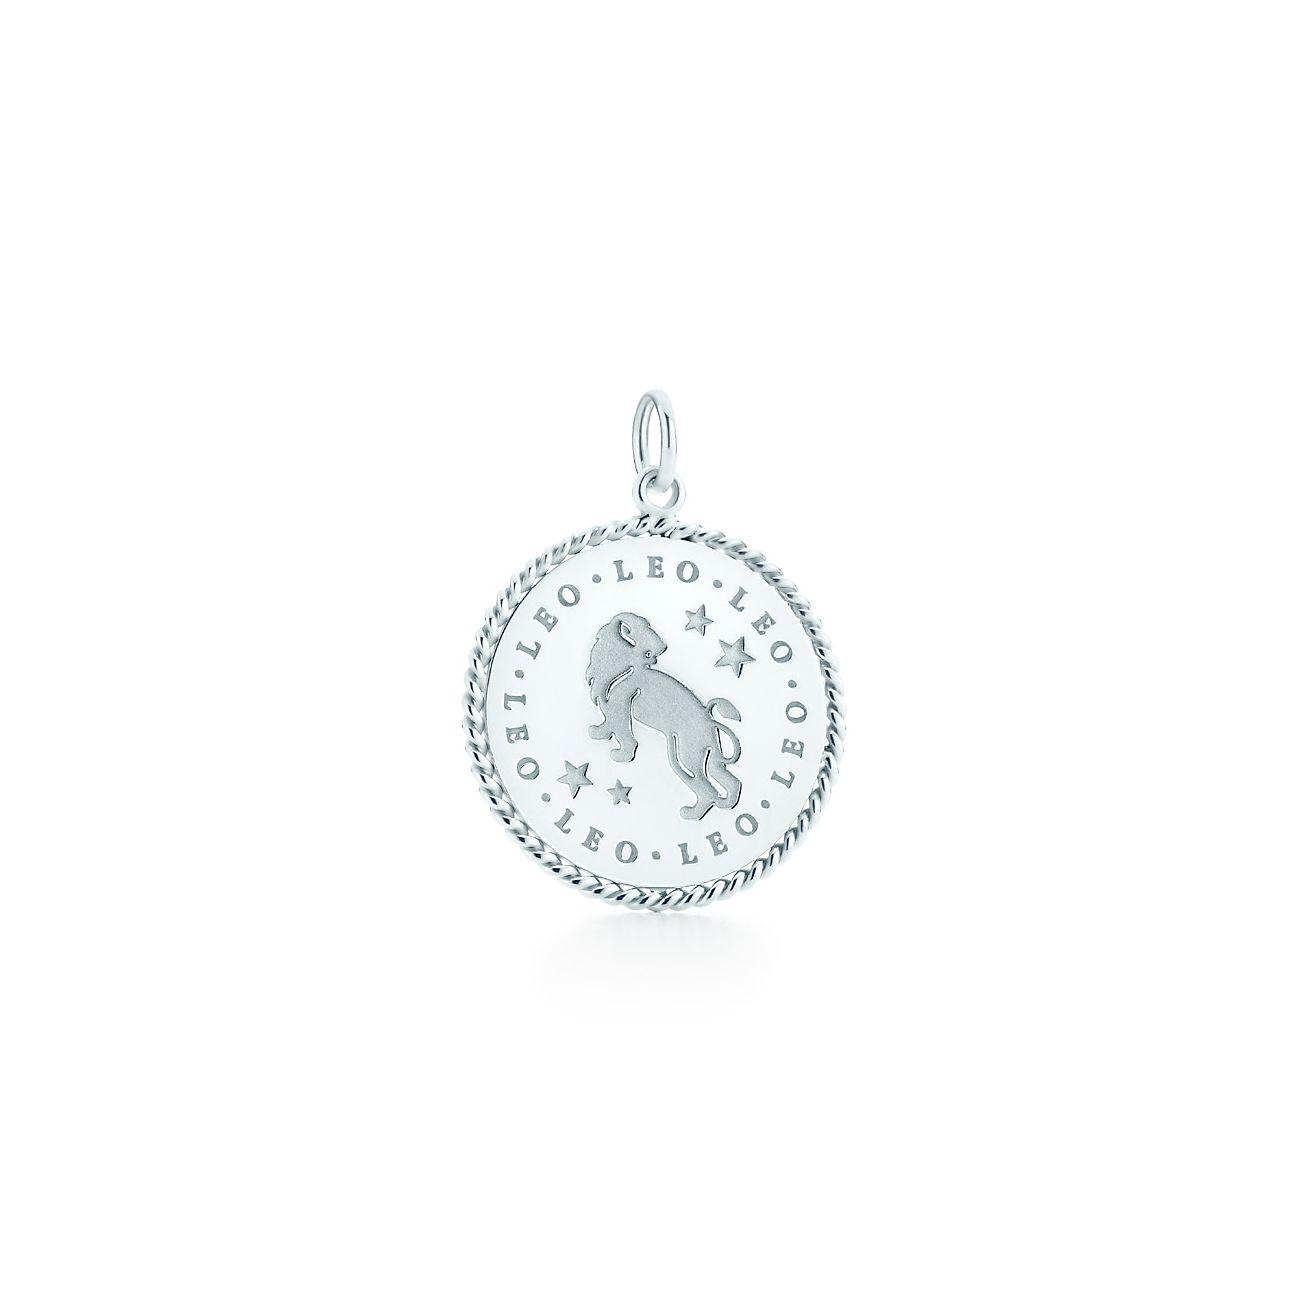 Leo zodiac charm in sterling silver - Size Leo Tiffany & Co. j6mbc0xZ